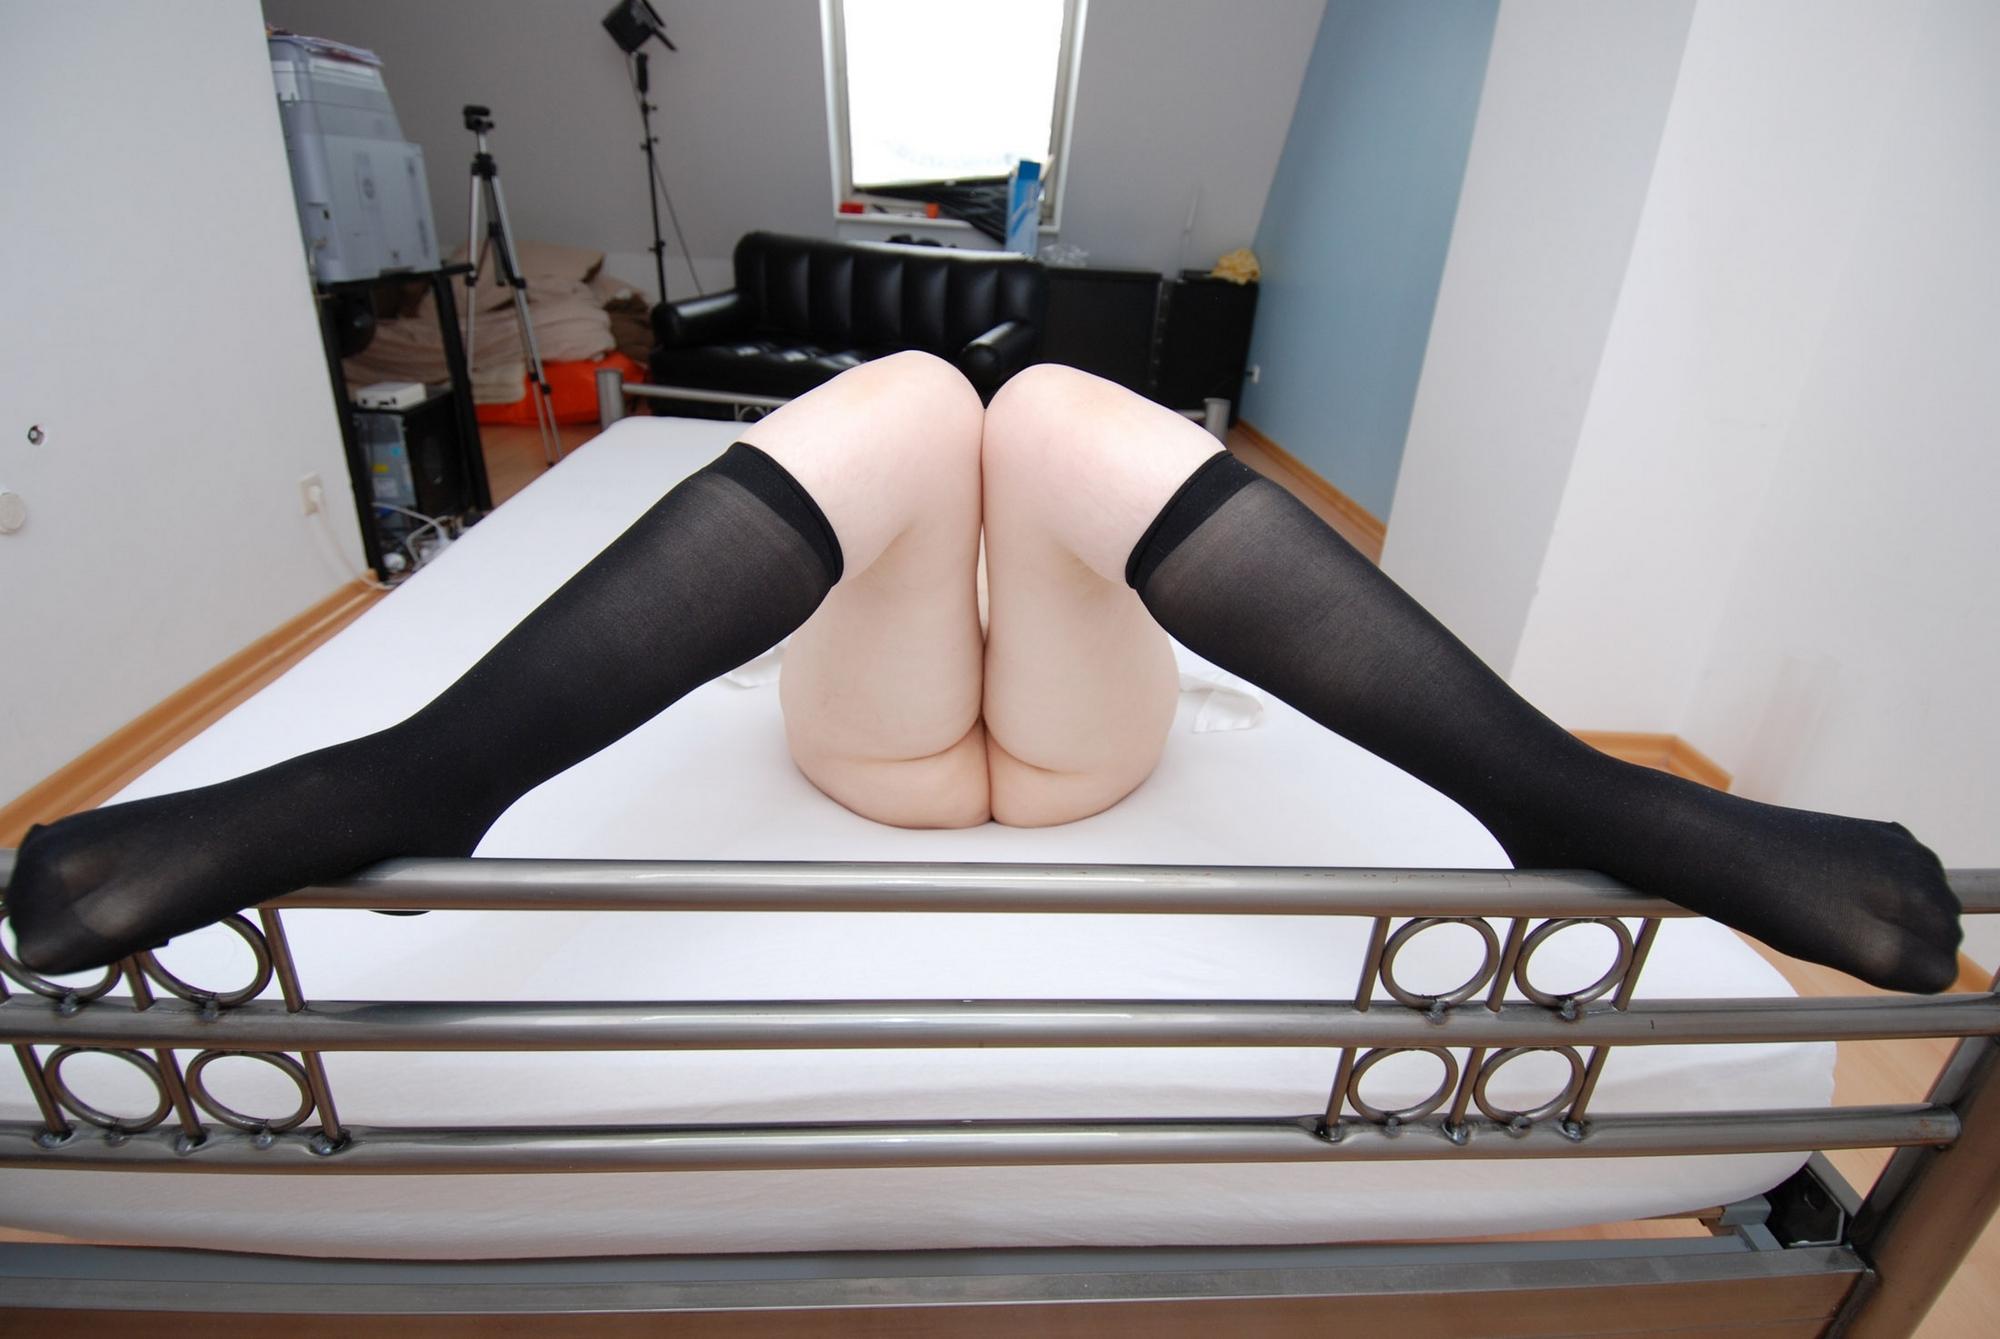 Зрелая немка в полосатых чулках в комнате светит потрепанной вагиной